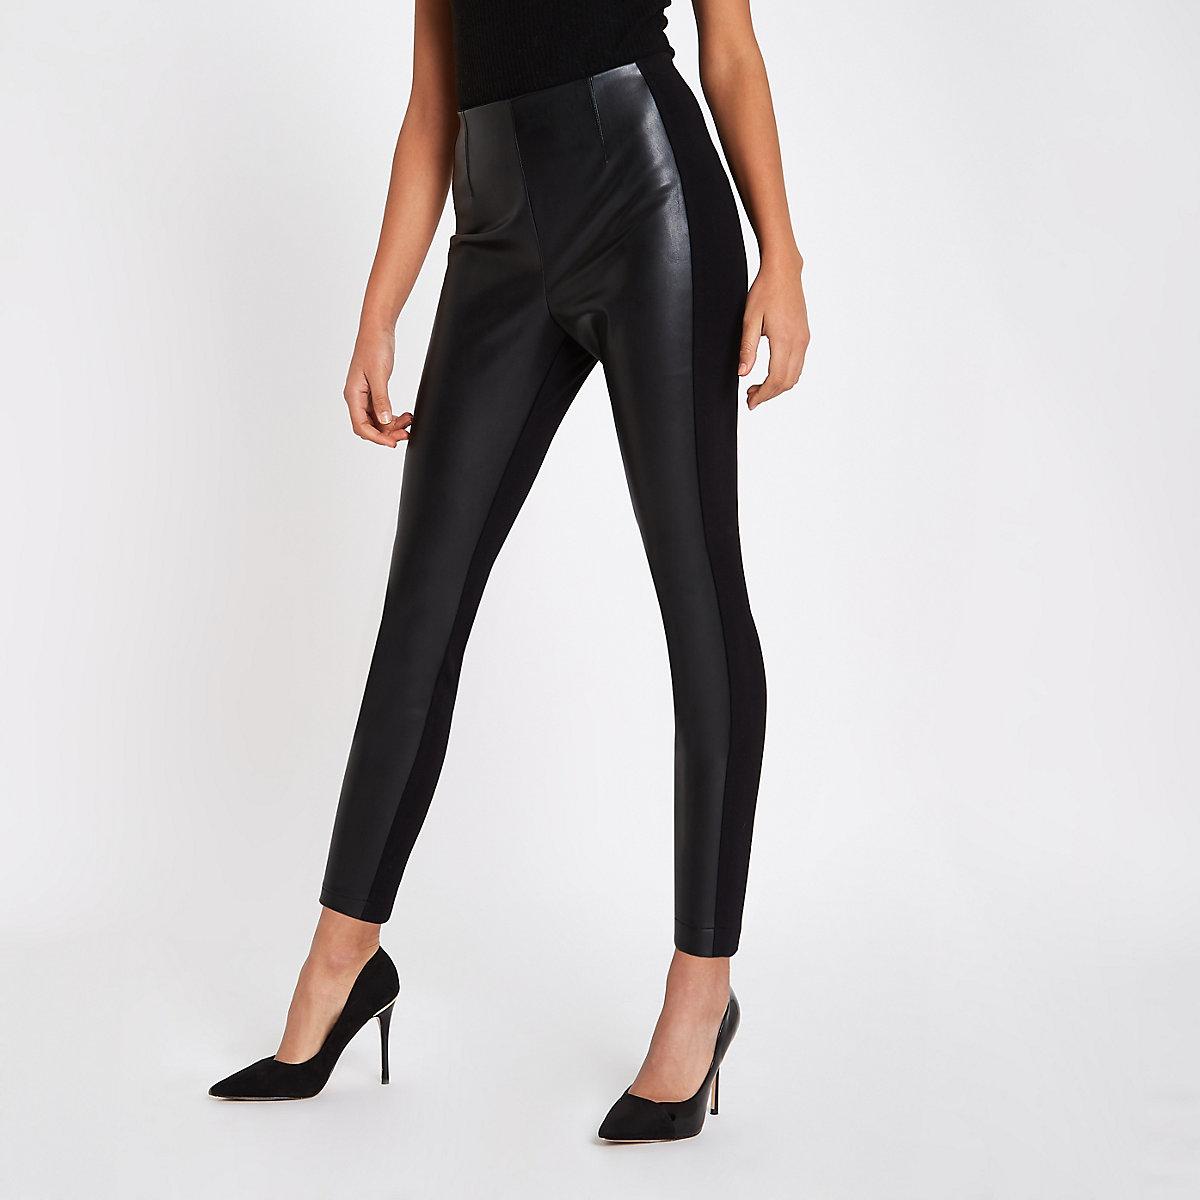 Schwarze Leggings aus Lederimitat